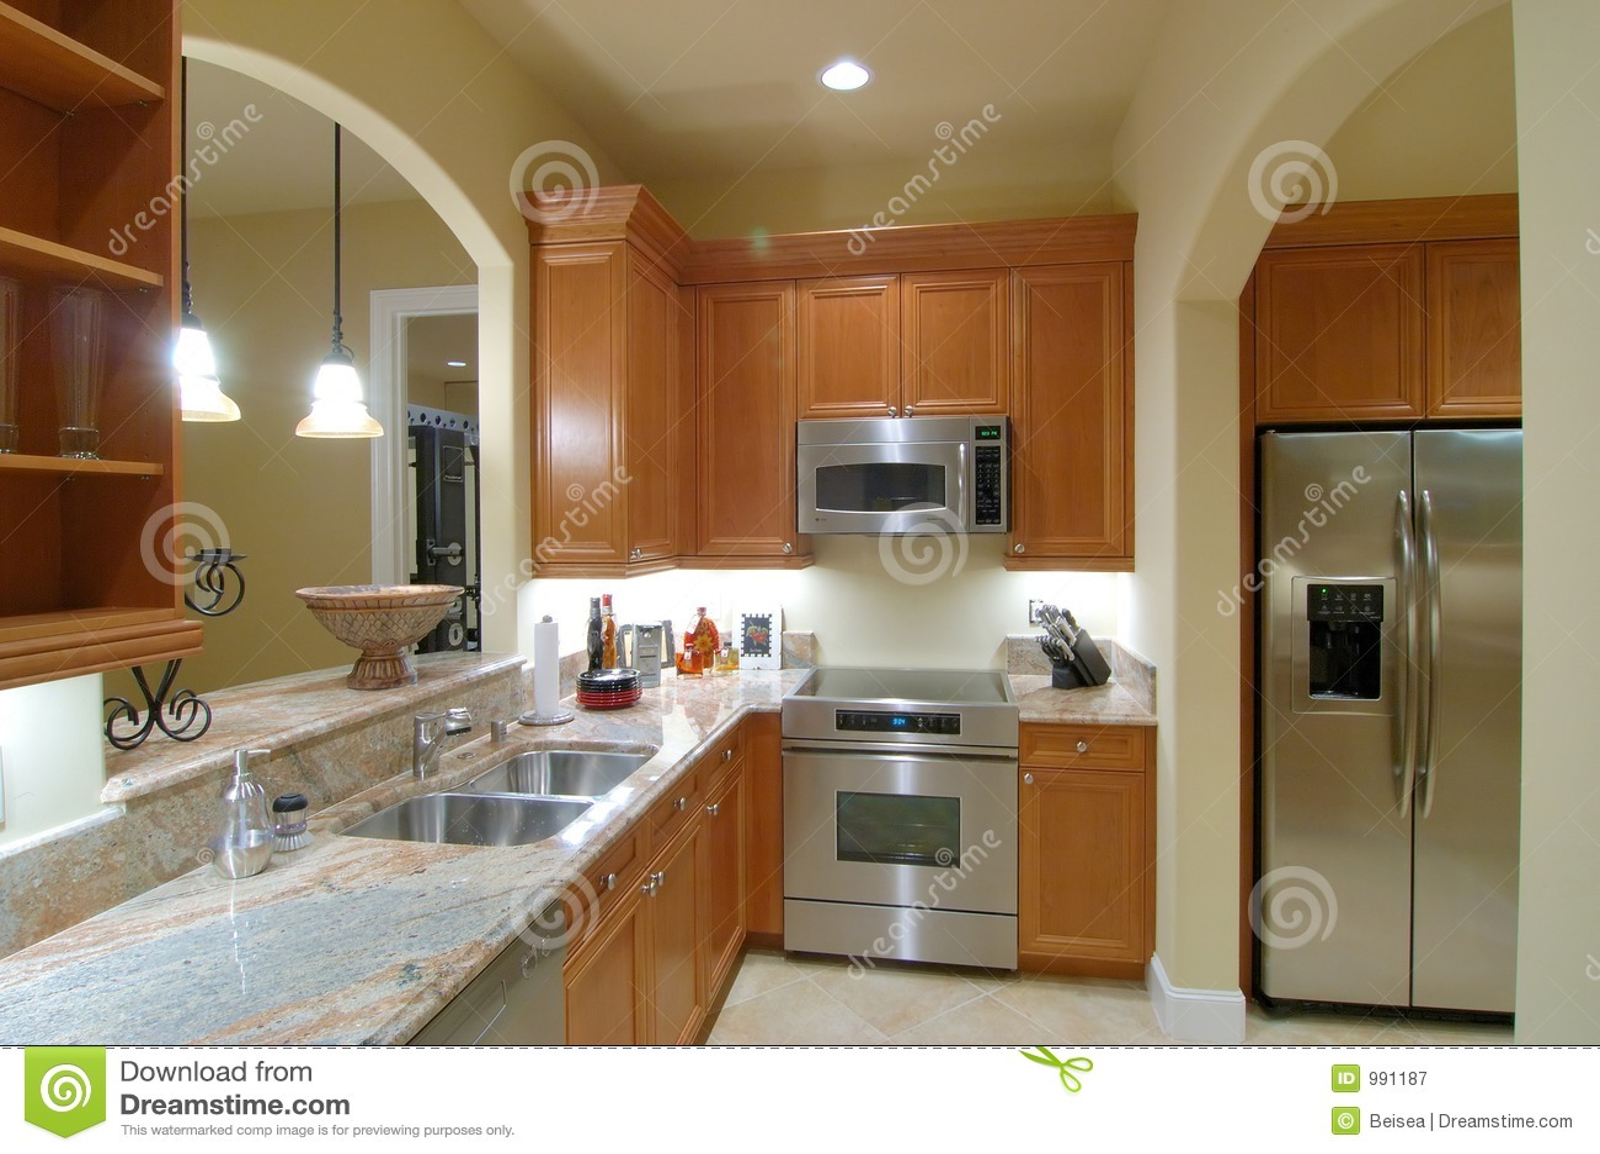 Keller-Küche stockbild. Bild von wanne, formteil, mable - 991187